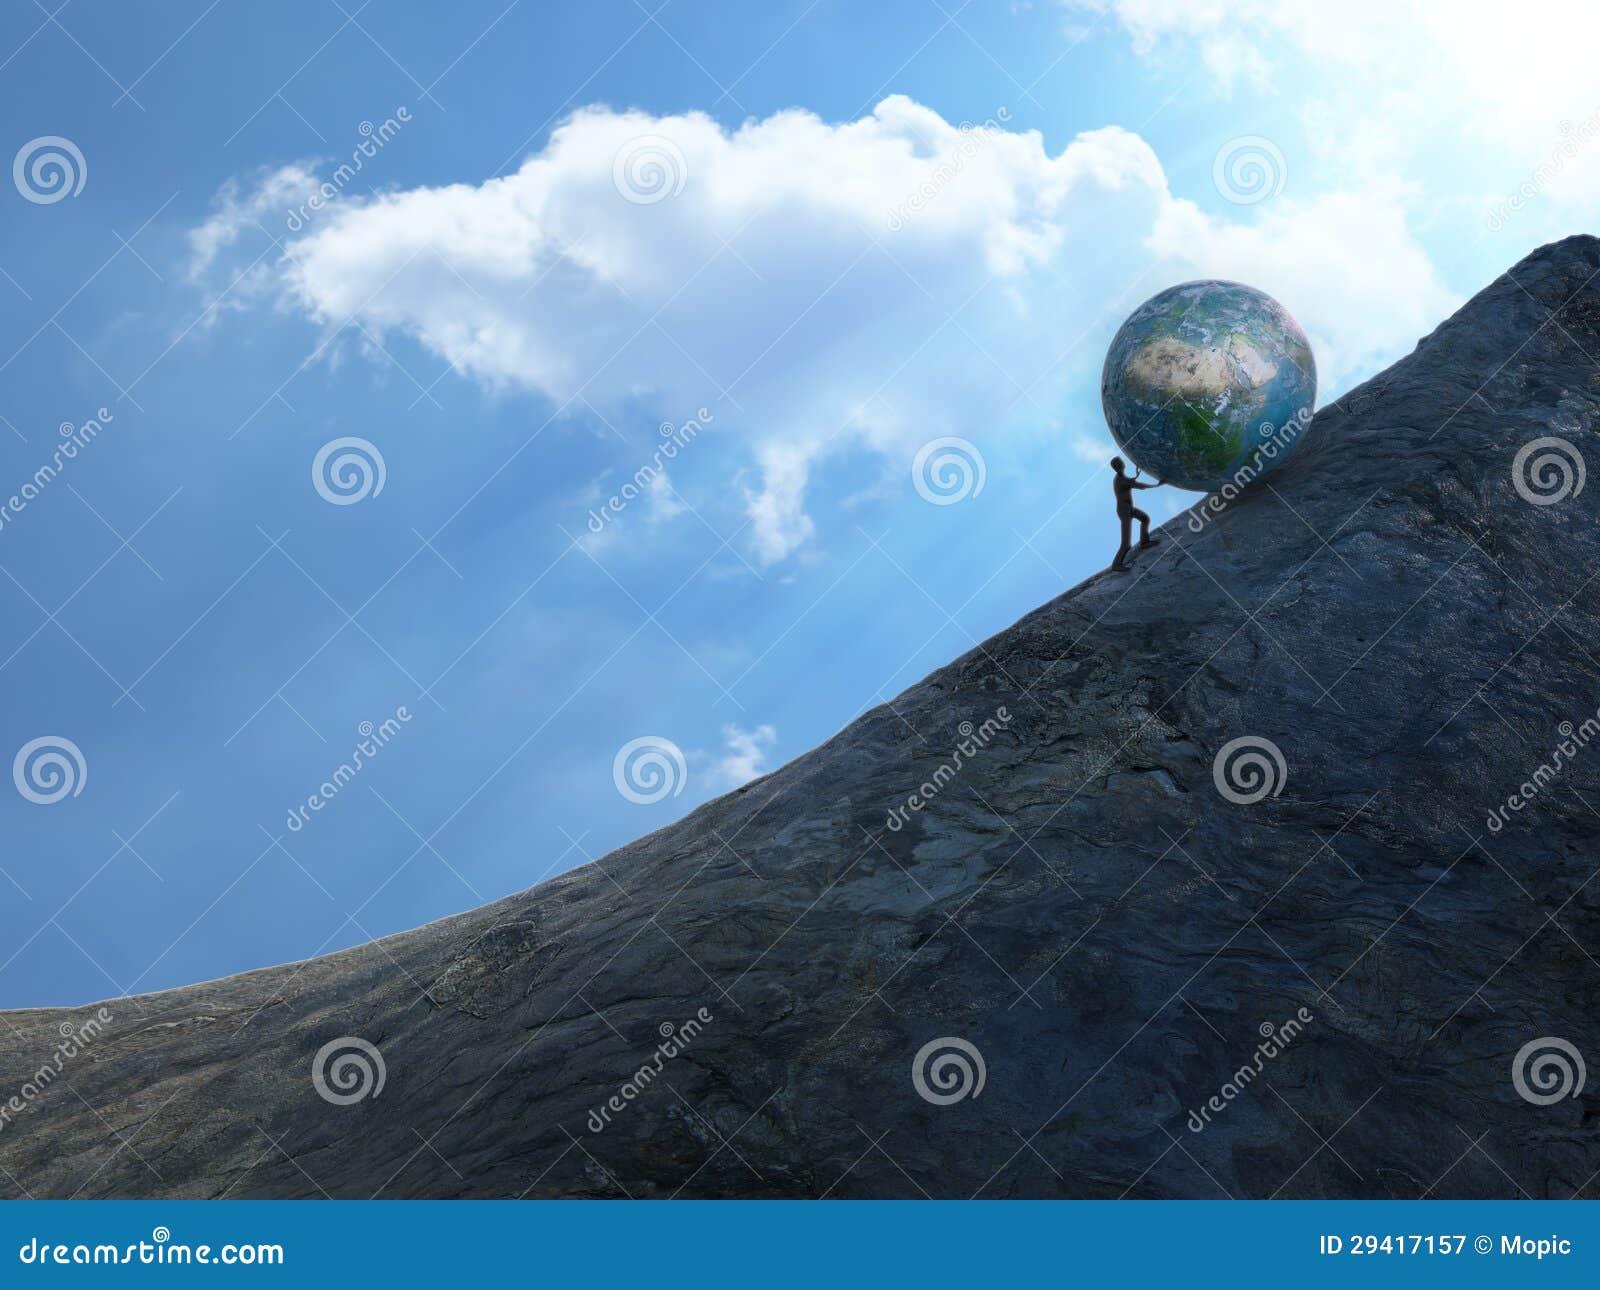 Royalty Free Stock Photography Sisyphus Image29417157